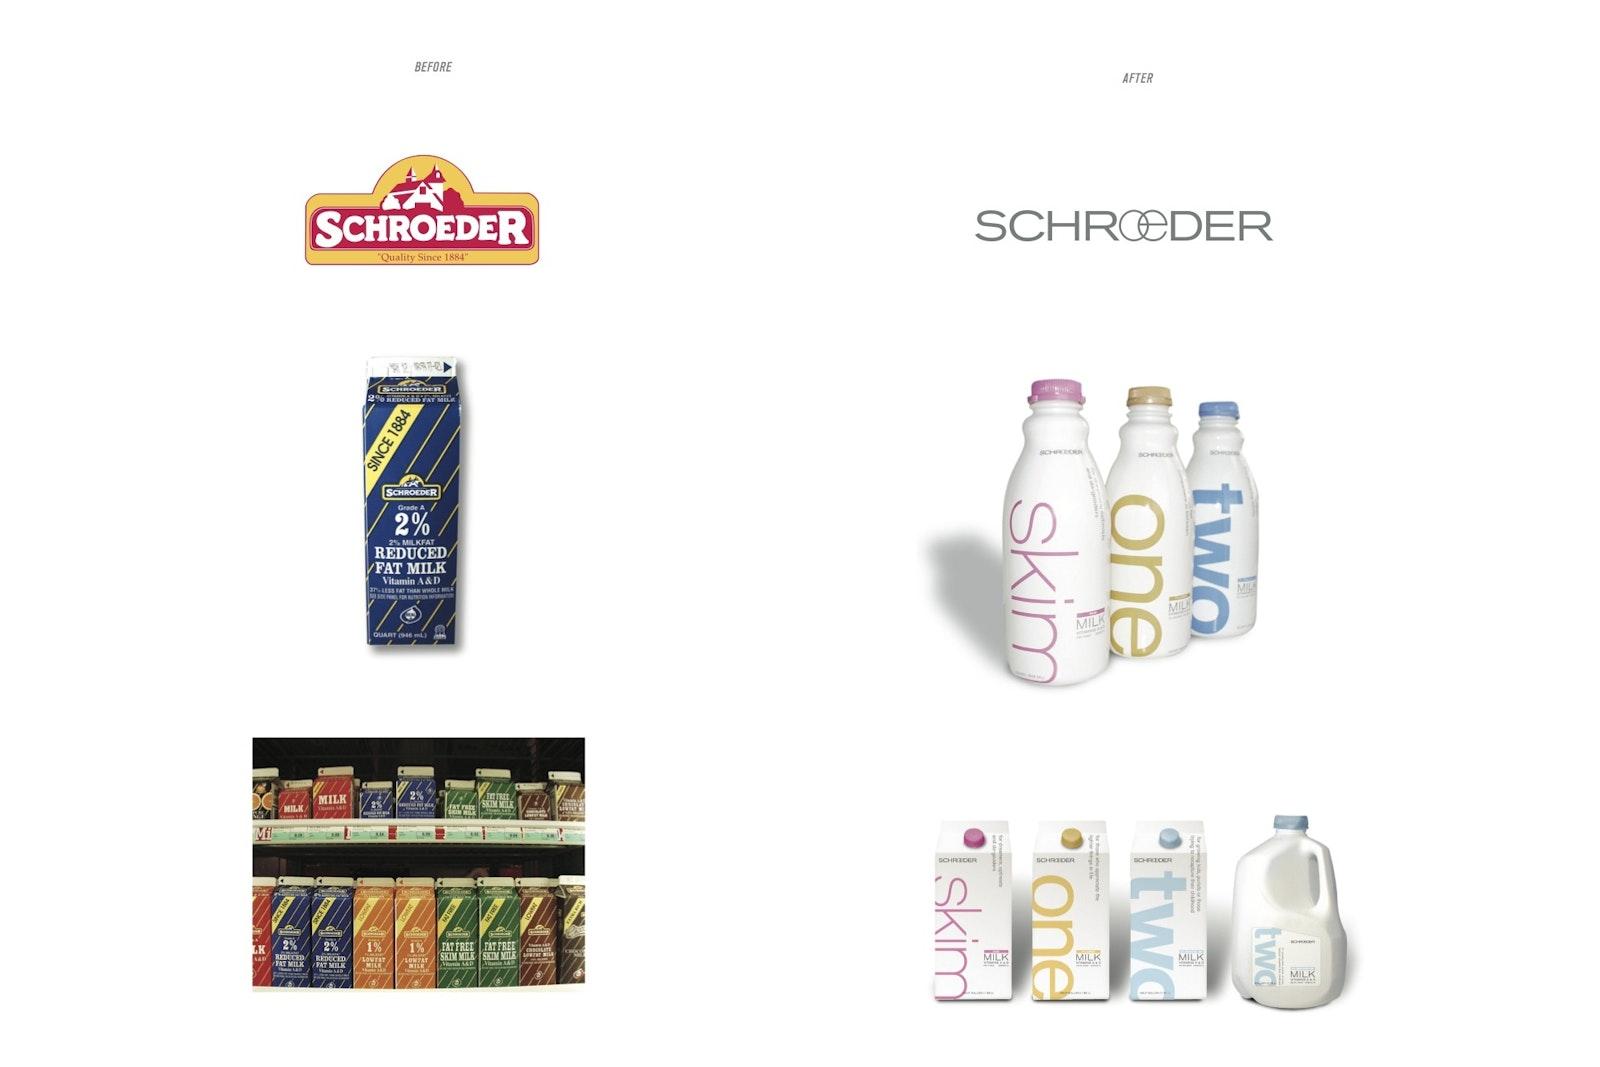 Schroeder Milk Two